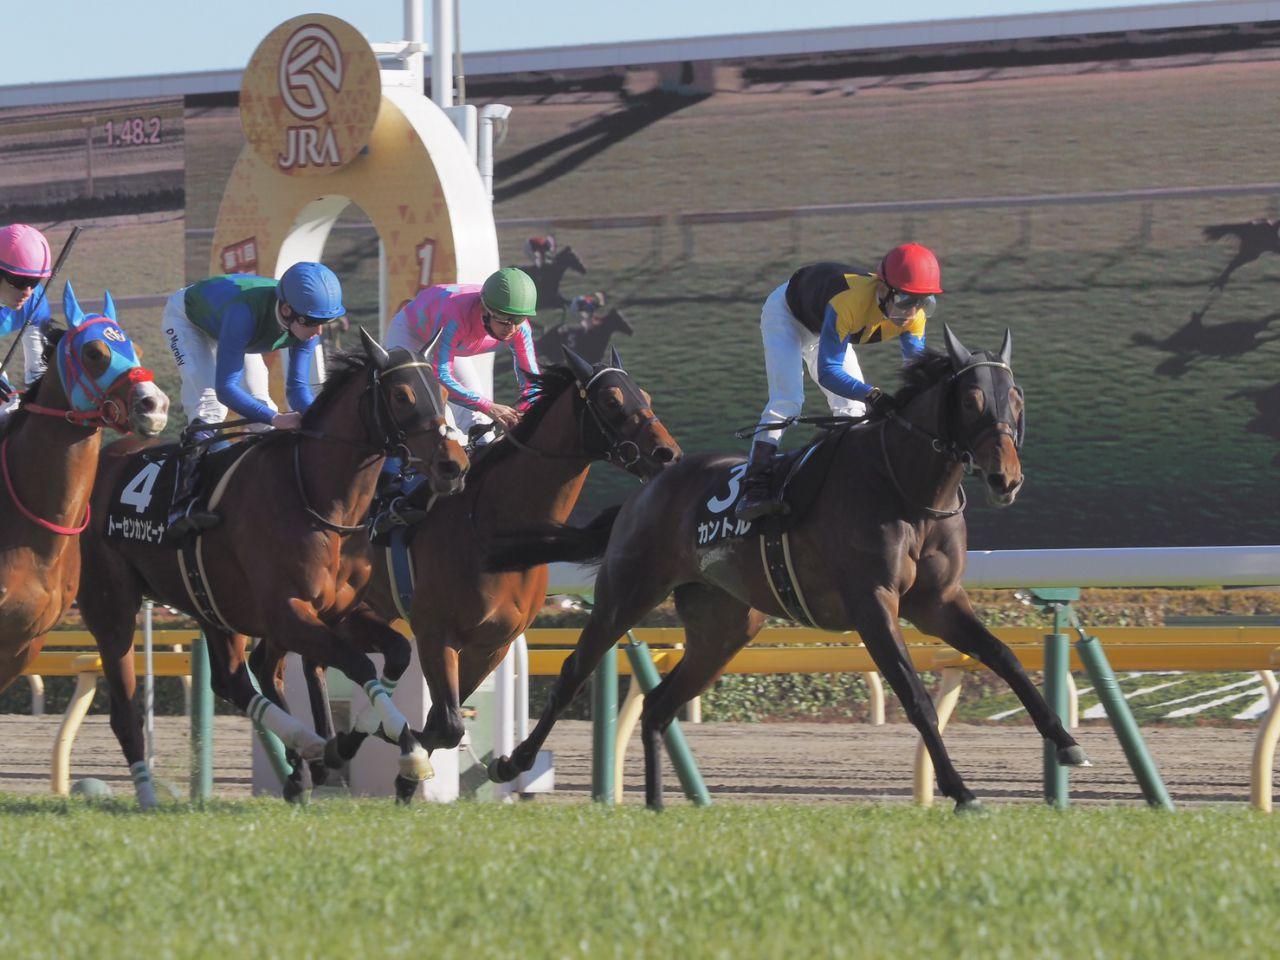 【セントポーリア賞】良血馬カントルが2勝目!兄にワグネリアン